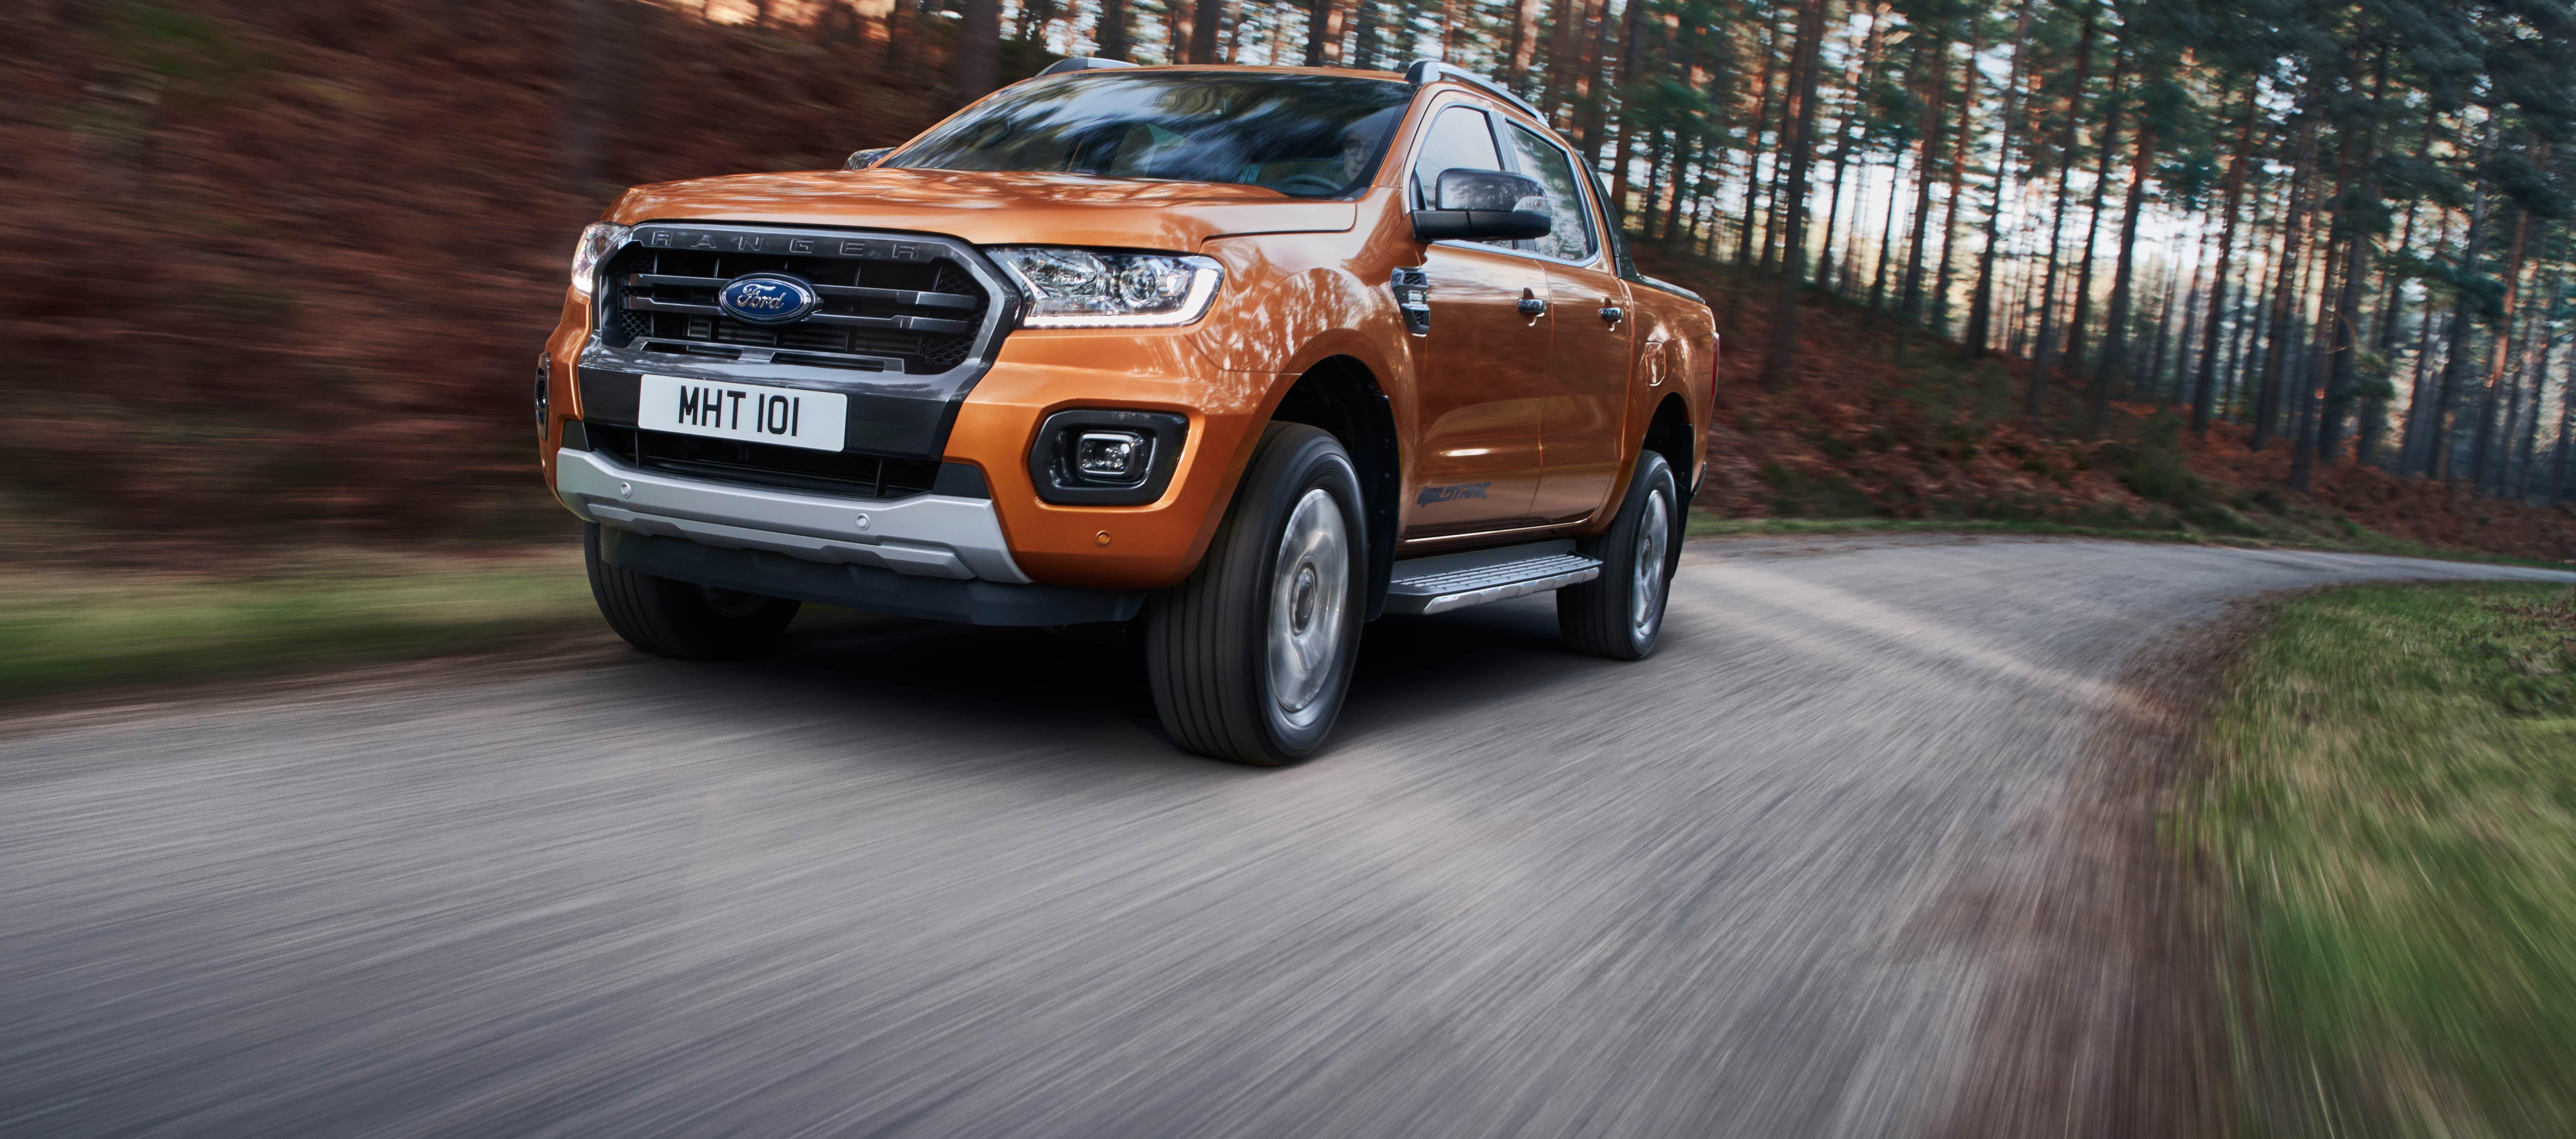 Ford Ranger, más potente, inteligente y eficiente